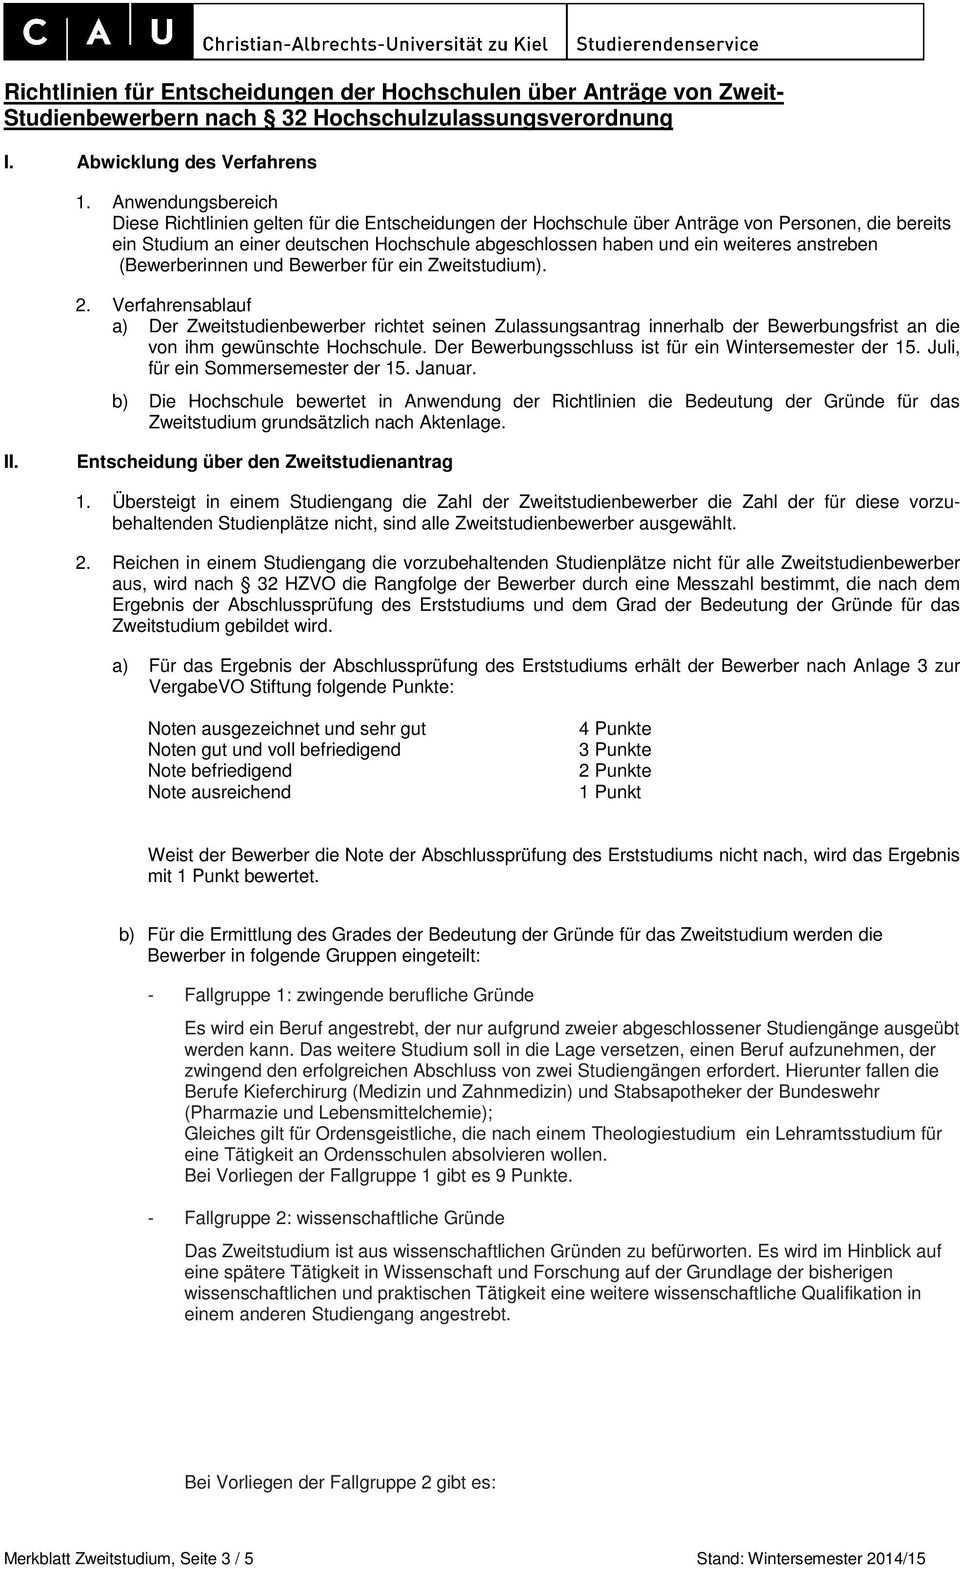 Merkblatt Bewerbung Fur Ein Zweitstudium Studienanfanger Innen Pdf Free Download